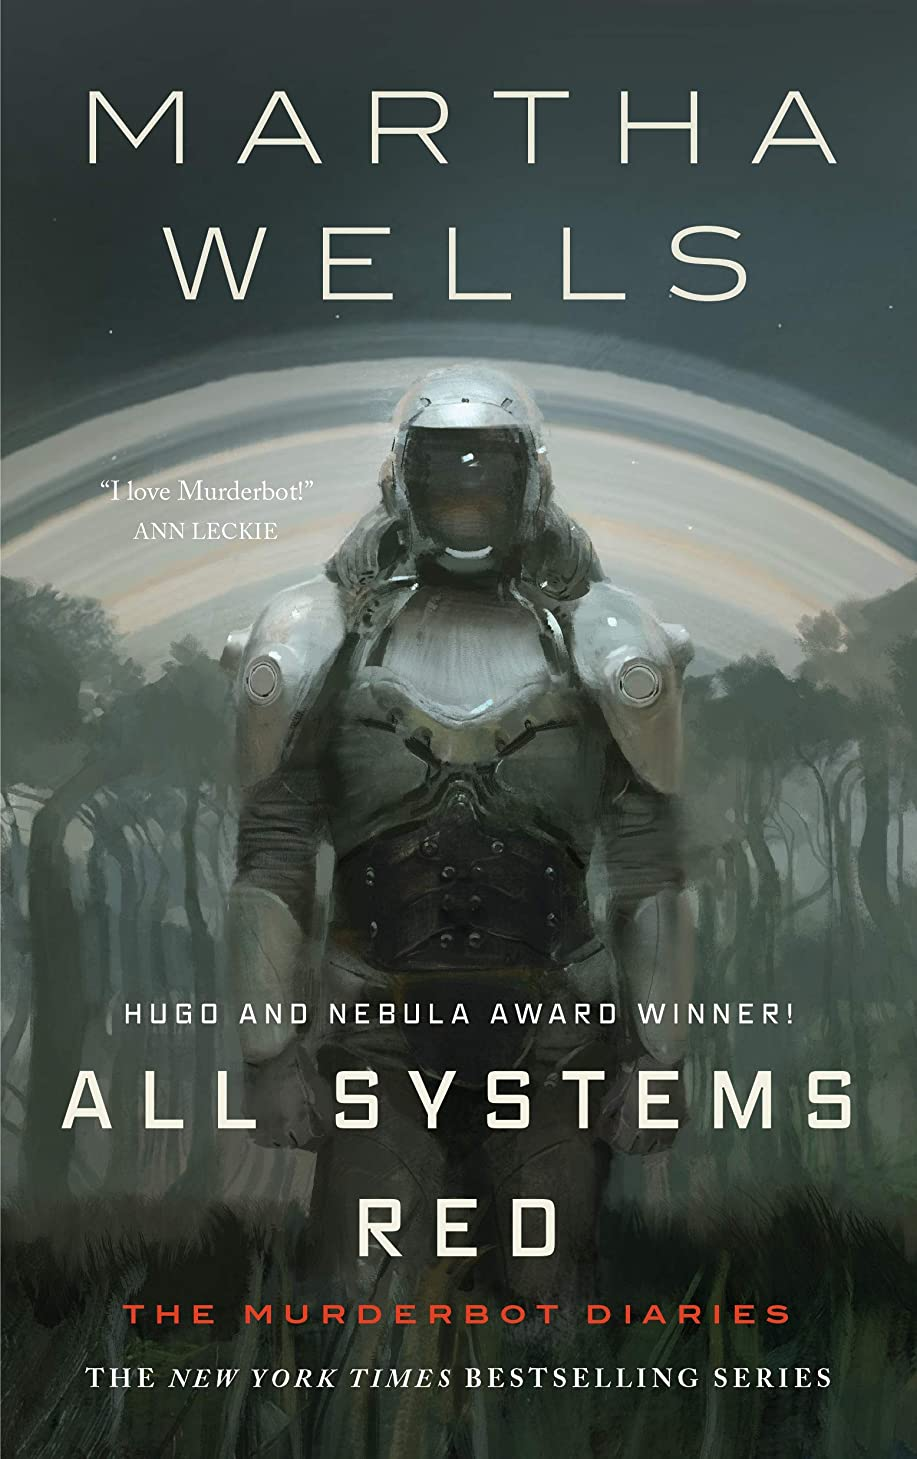 アプローチ地平線忘れっぽいAll Systems Red (Kindle Single): The Murderbot Diaries (English Edition)